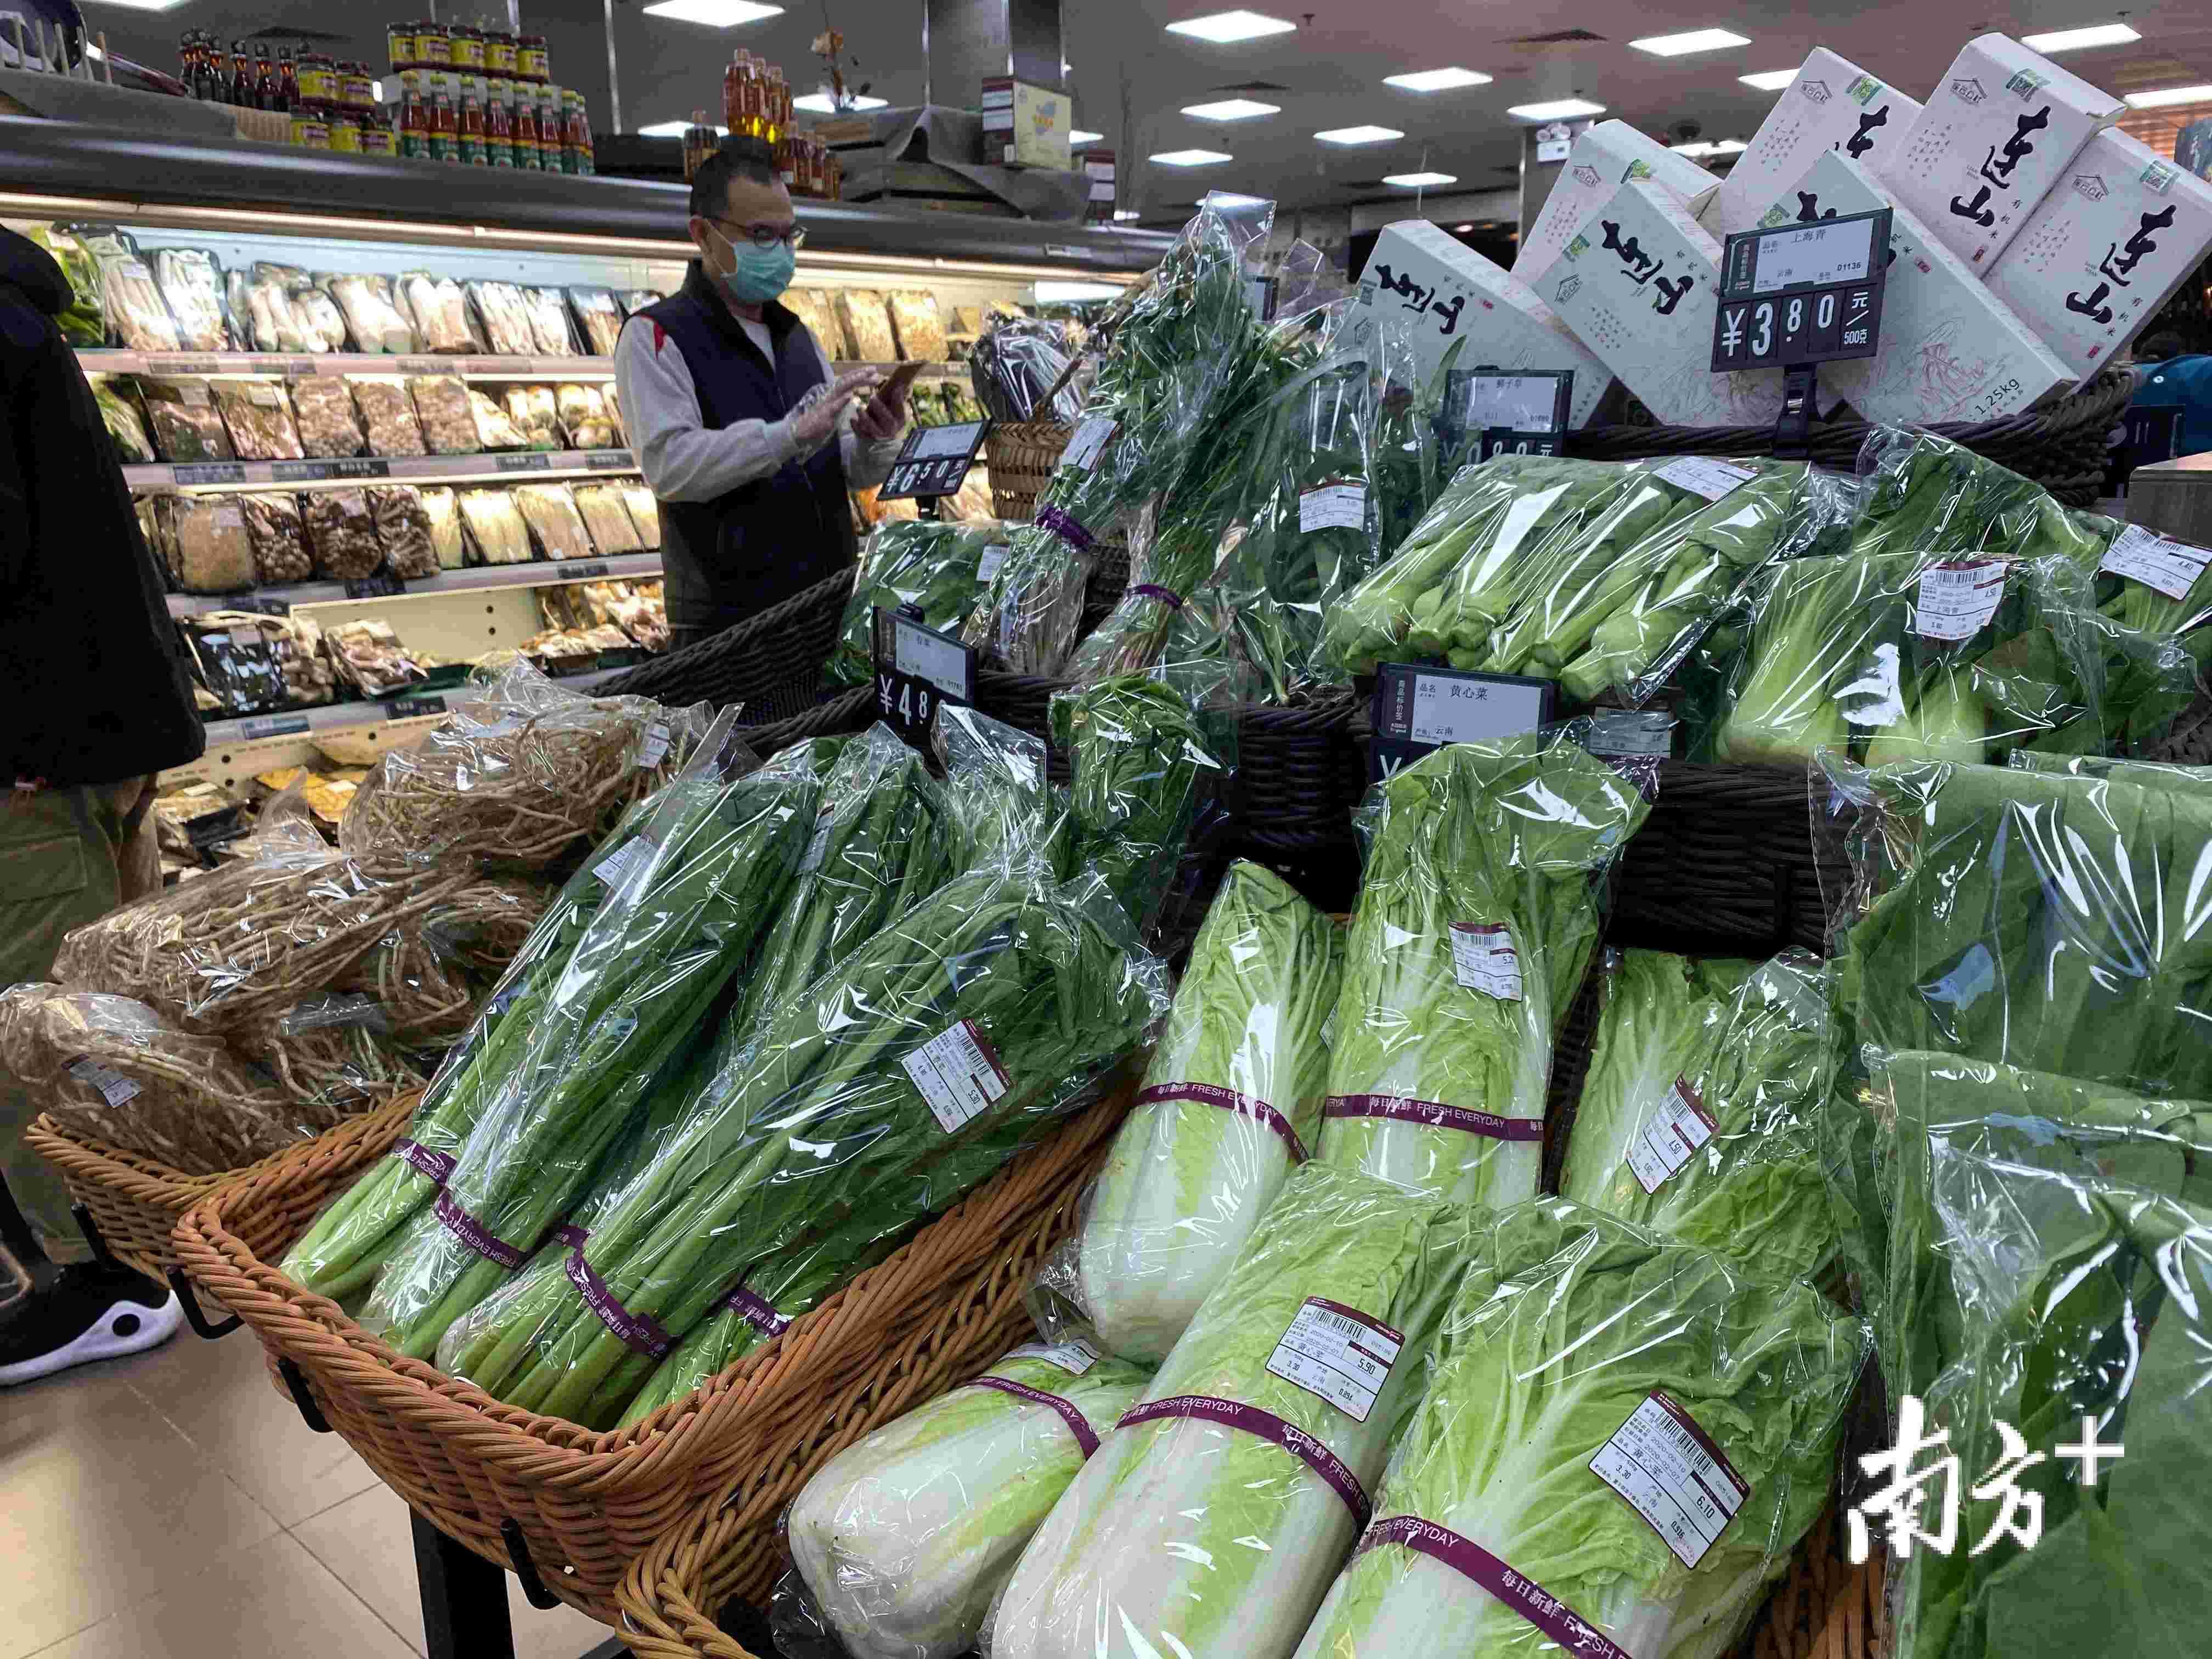 http://www.store4car.com/shehui/1632709.html